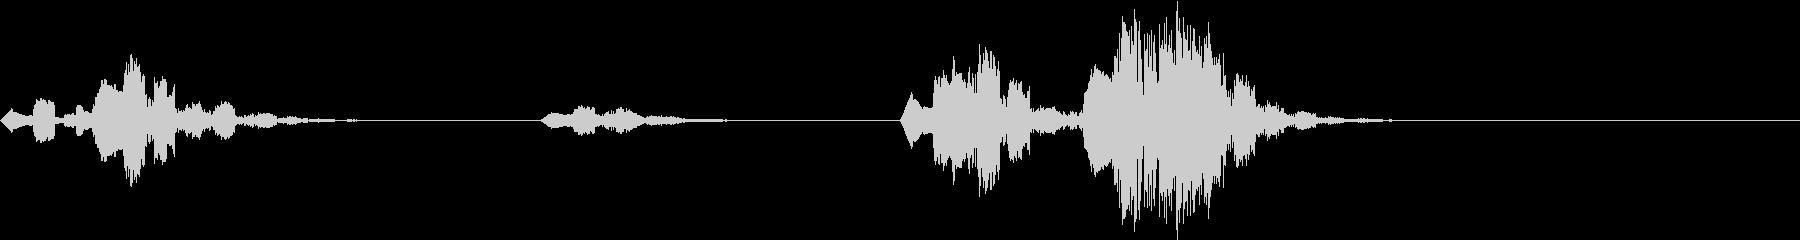 Jungle Monkeys 猿の鳴き声の未再生の波形